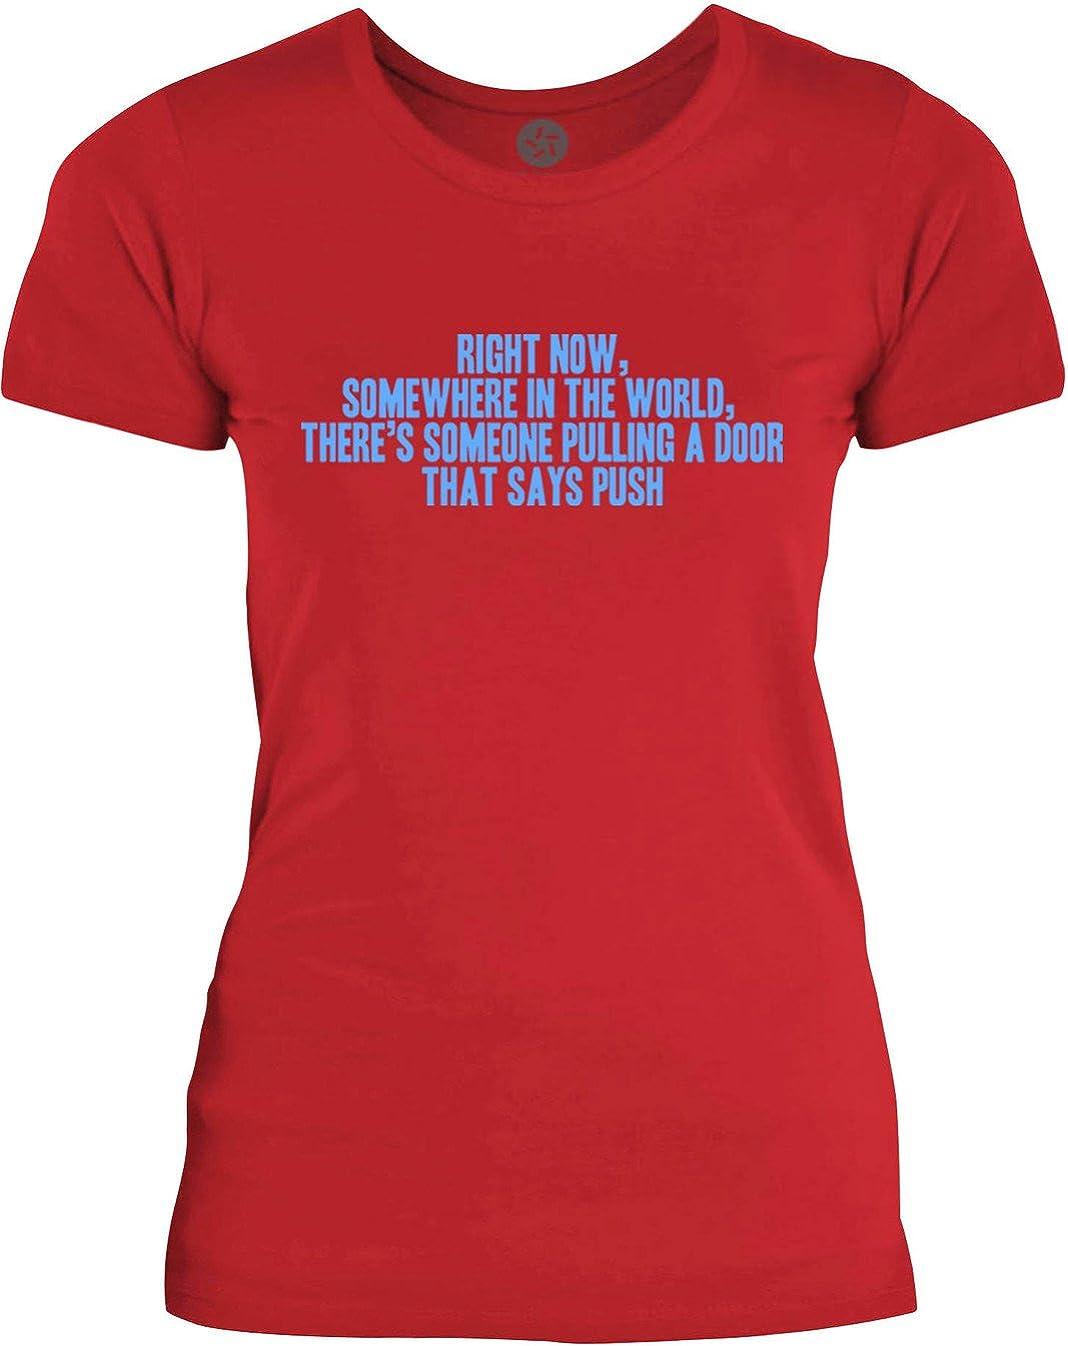 Big Texas - Camiseta - para mujer Azul azul: Amazon.es: Ropa y accesorios